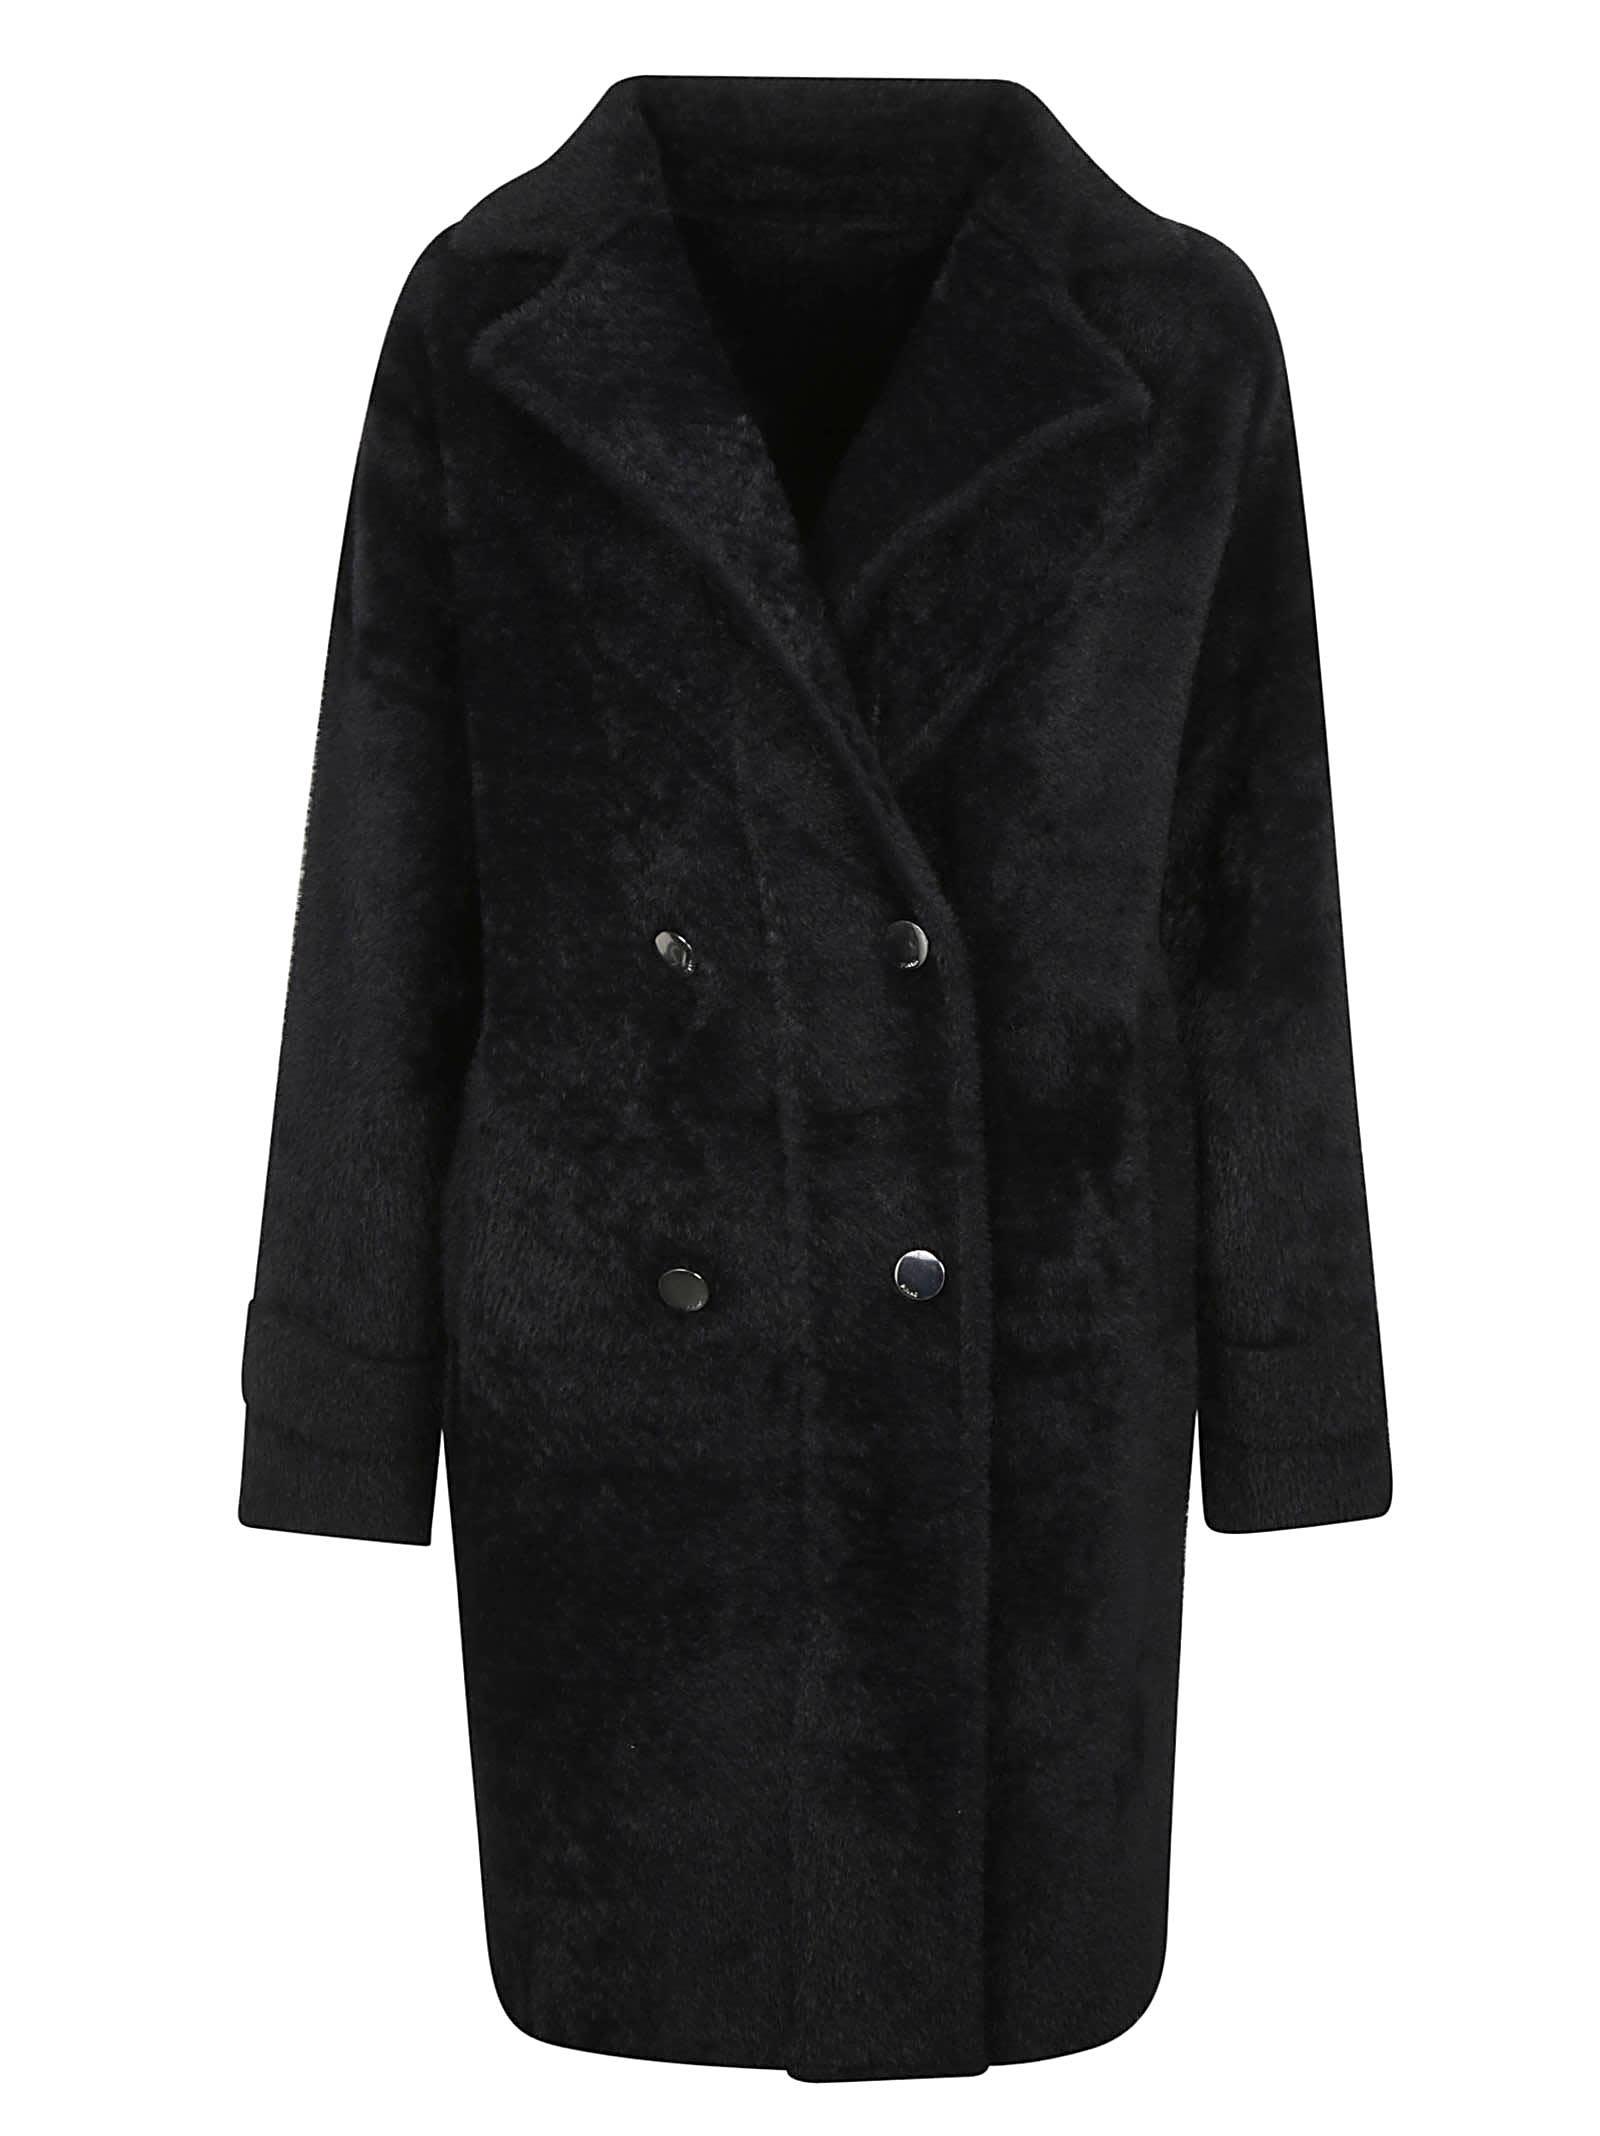 Pinko Hooded Padded Jacket